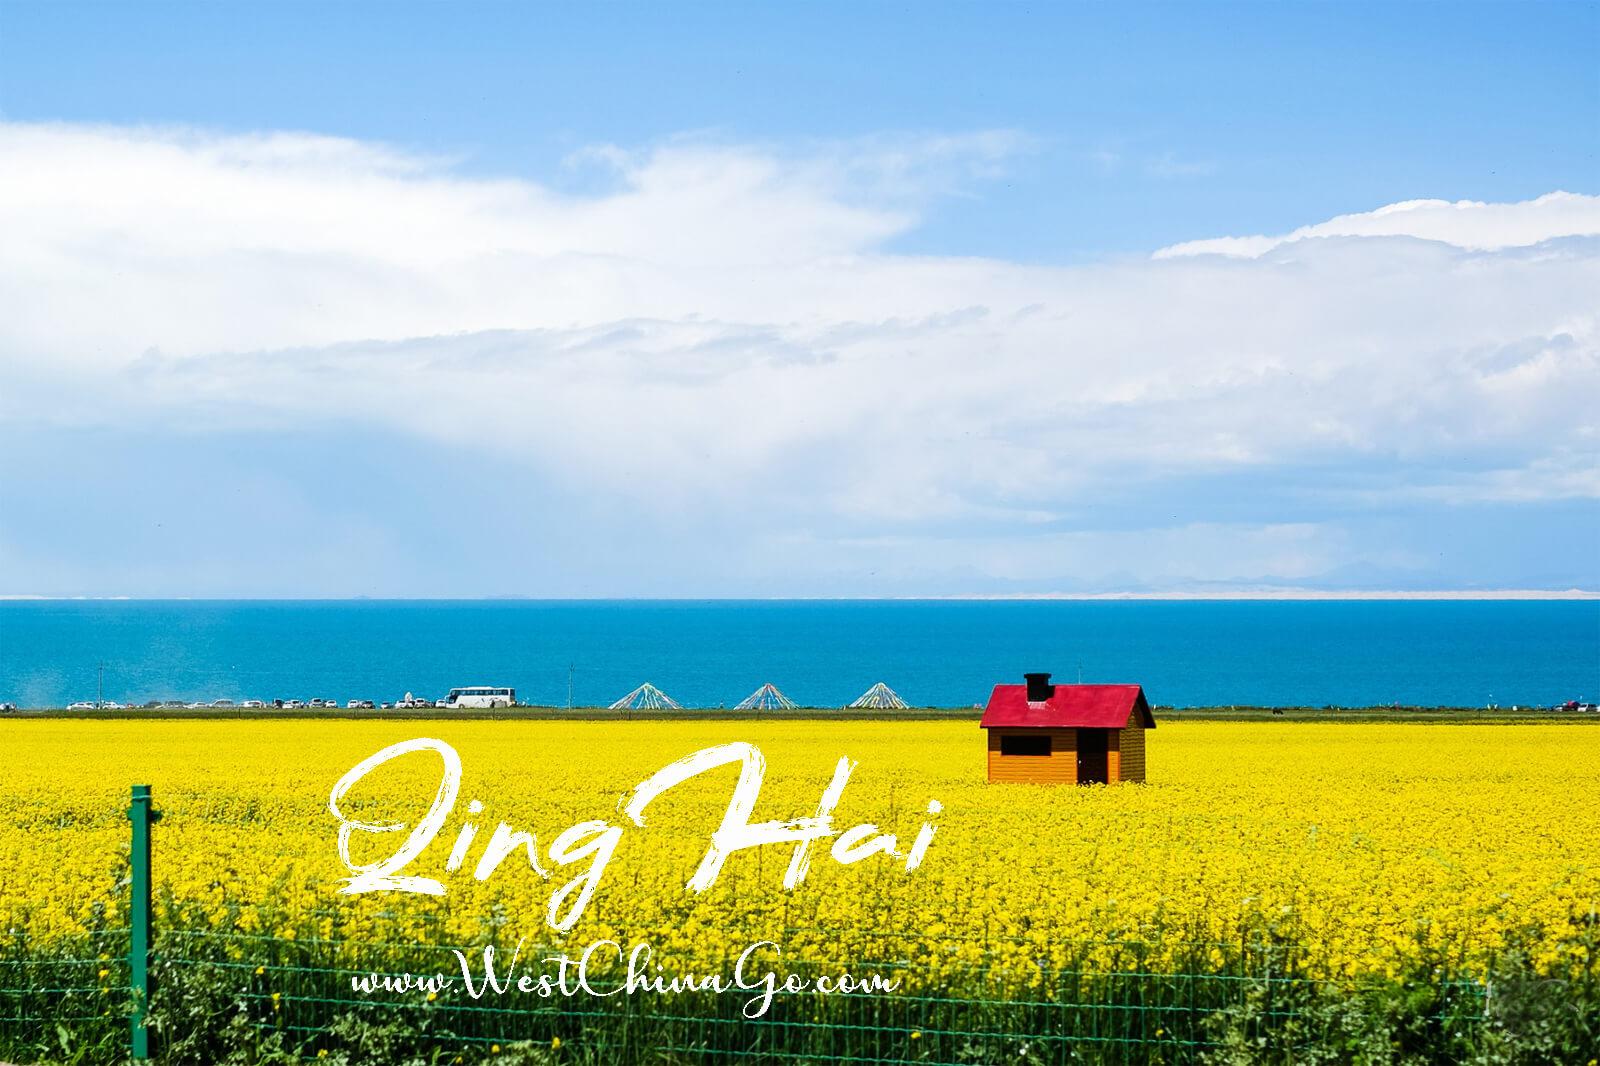 qinghai tour